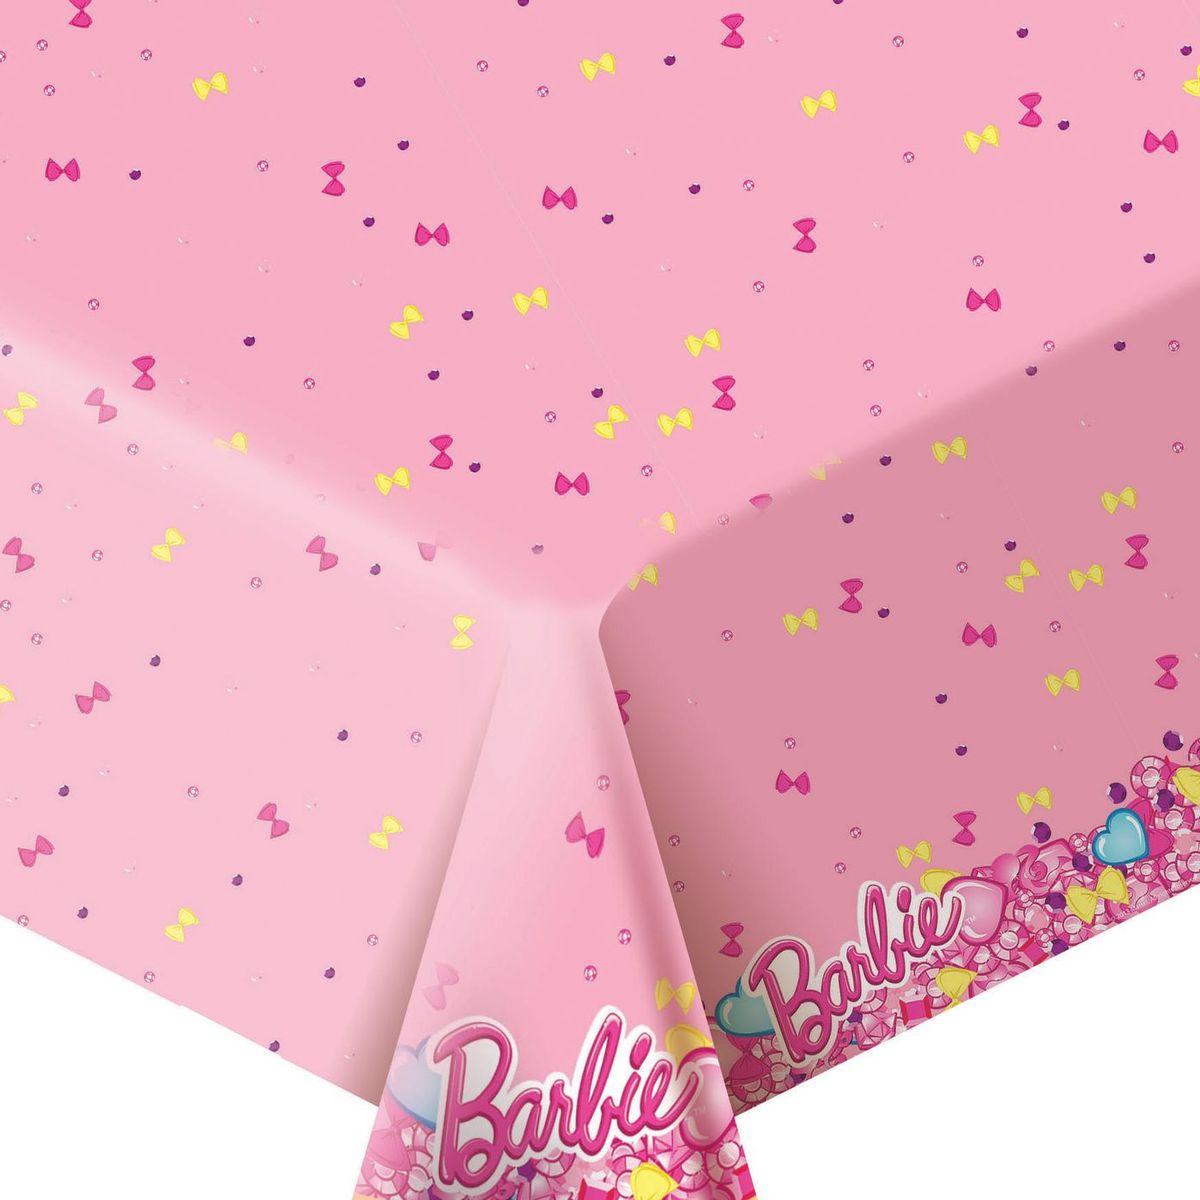 Barbie Скатерть Барби цвет розовый30303Стильная полиэтиленовая скатерть Барби размером 133 х 183 см поможет сделать детское торжество ярче и веселее: она отлично украсит праздничный стол и сохранит его в чистоте. А высокое качество скатерти позволит использовать ее много раз.